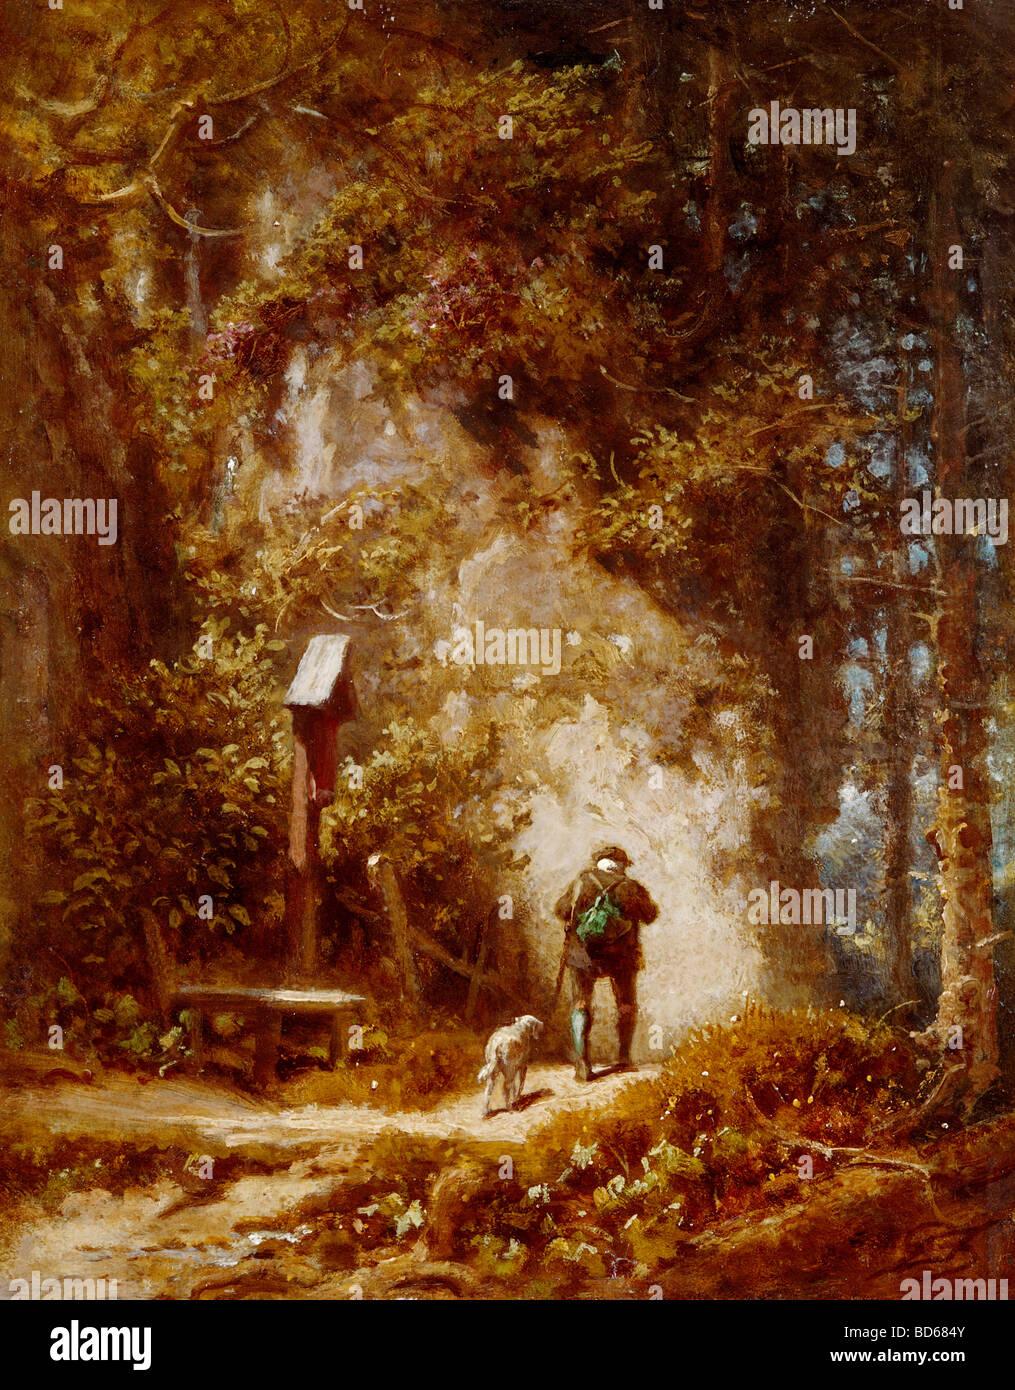 Beaux-arts, Spitzweg, Carl (1808 - 1885), peinture, chasseur dans la forêt, Wimmer Gallery, Munich, bois, bois, Photo Stock